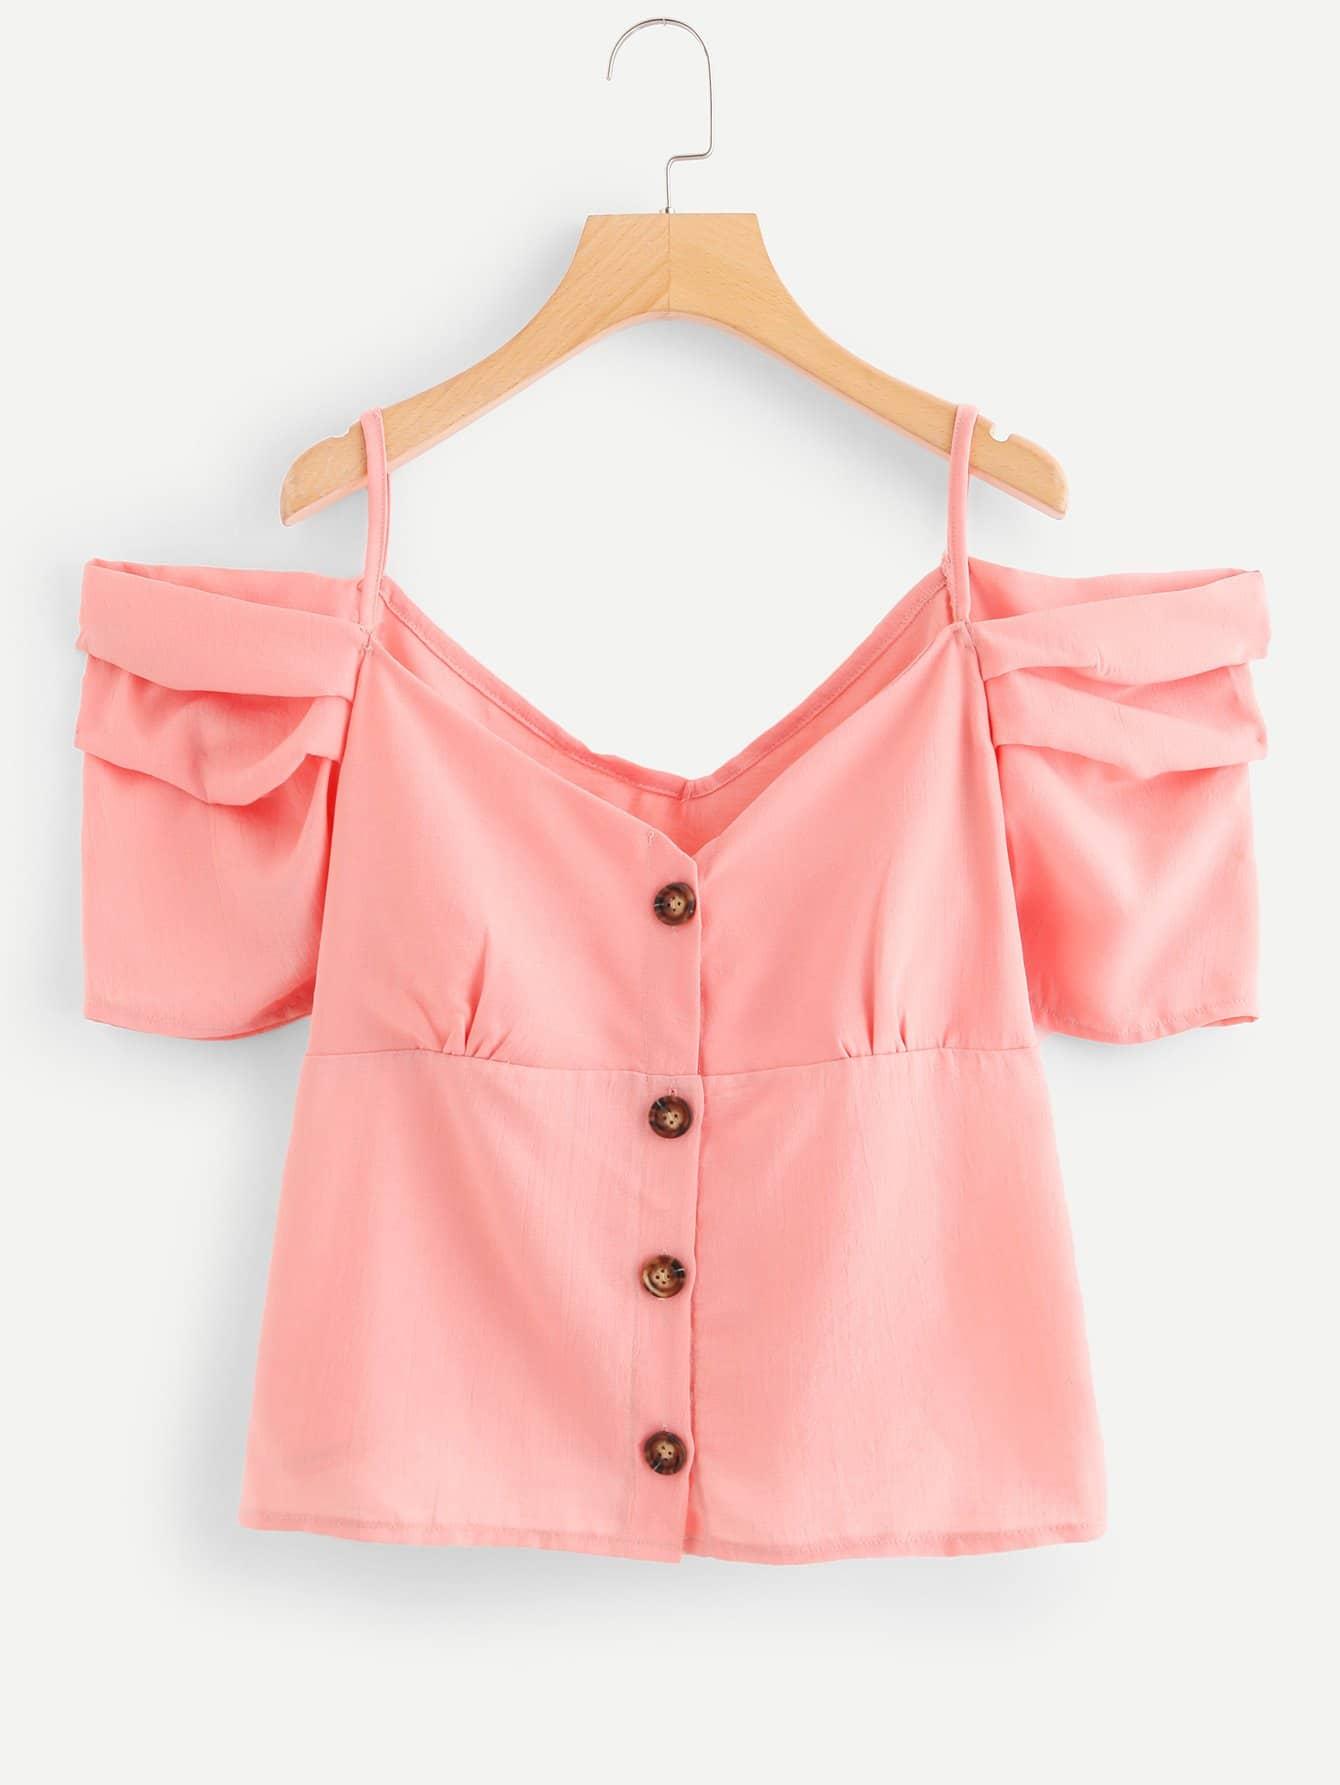 Купить Элегантный Одноцветный Пуговица Розовый Блузы+рубашки, null, SheIn